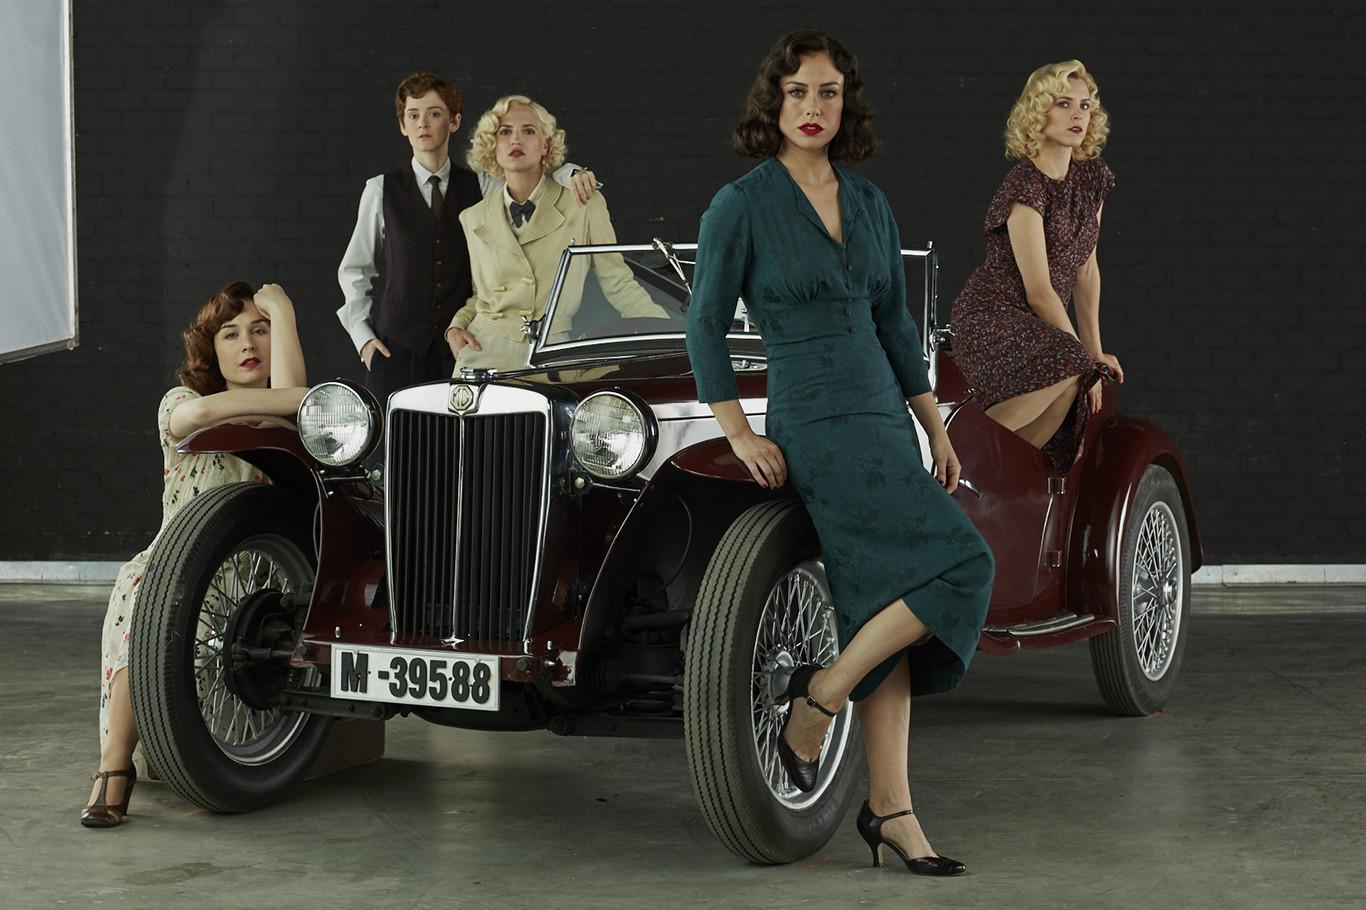 Ya hay trailer oficial de Las chicas del cable cuarta temporada y están guapísimas